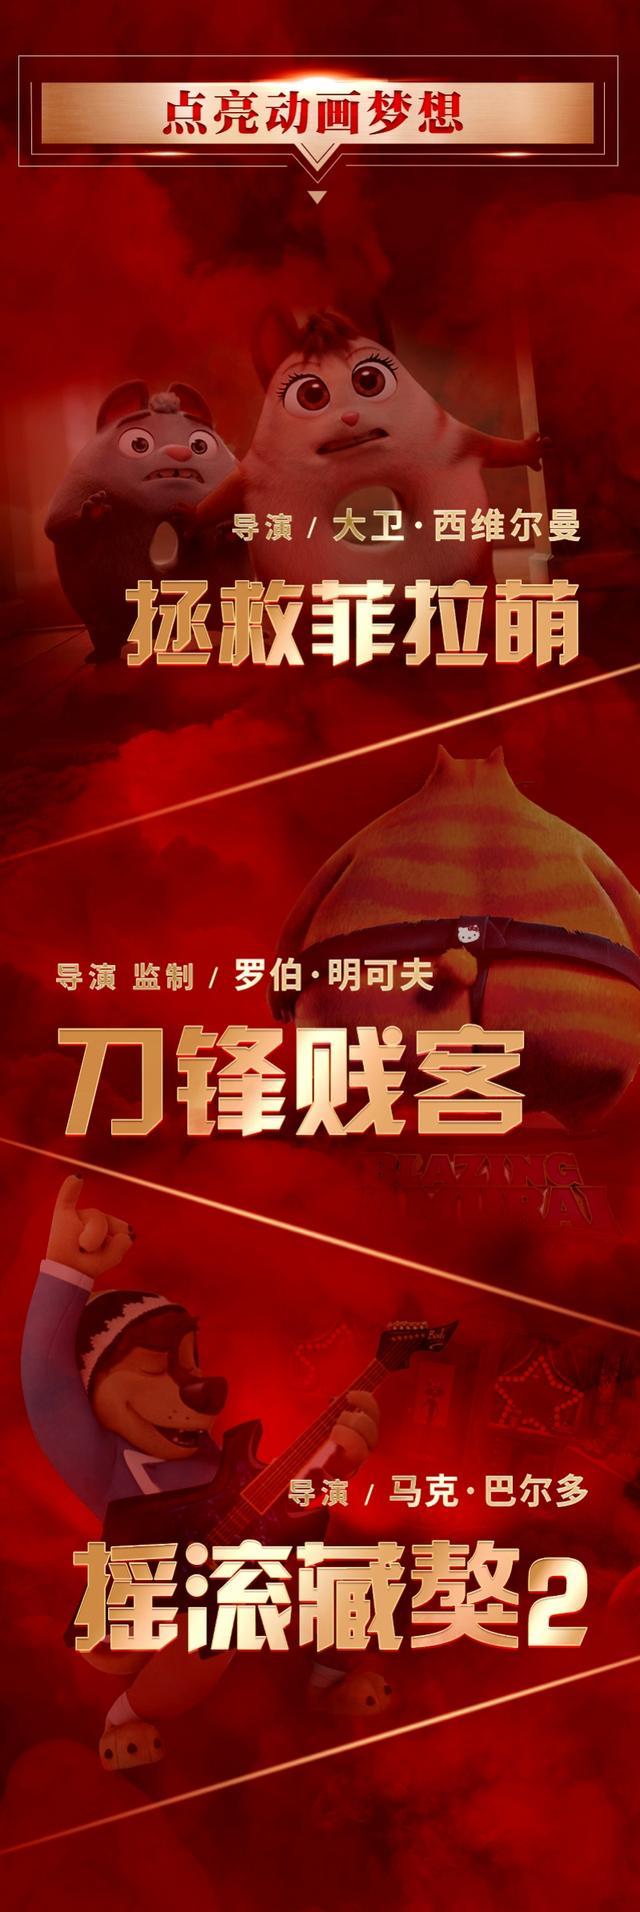 华谊兄弟18部新片公布,陆川周星驰贾樟柯新片都有-第4张